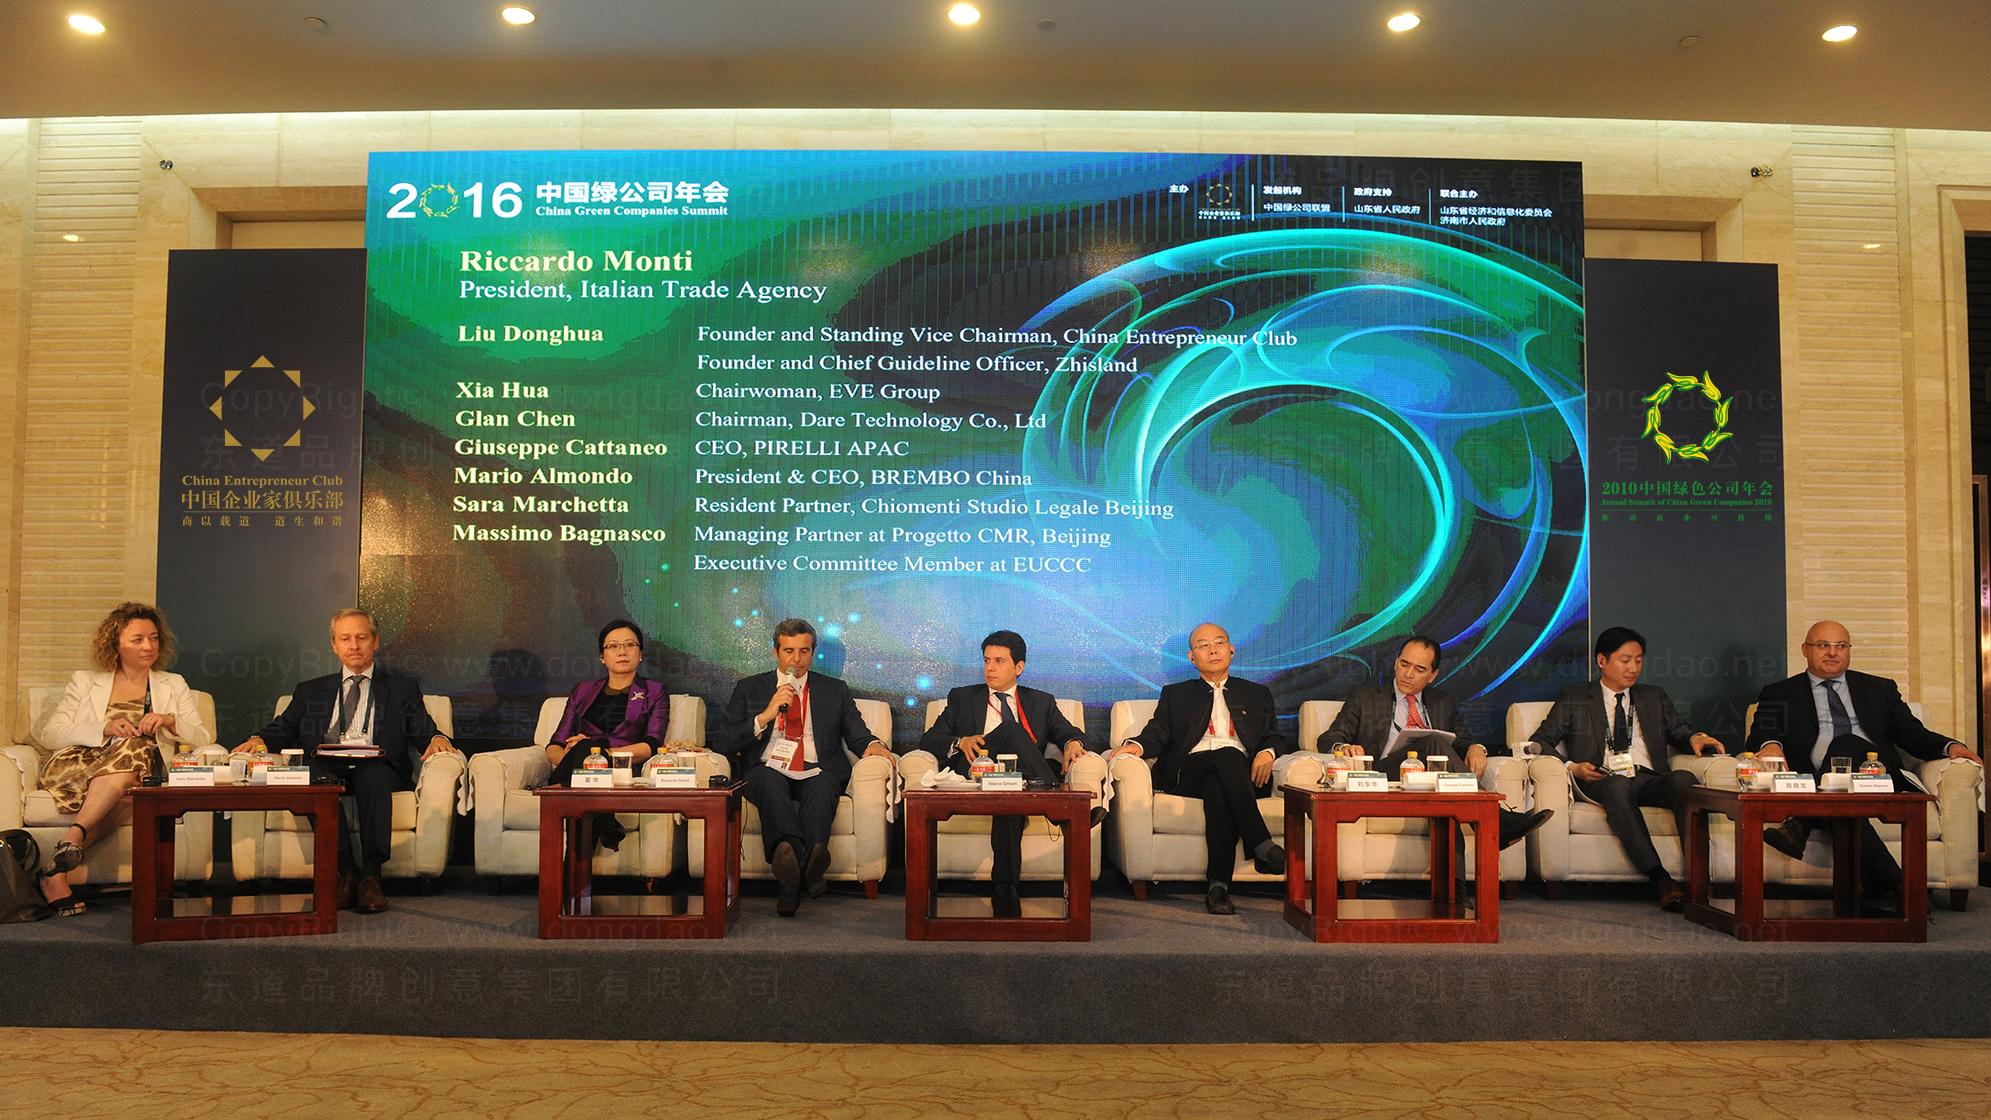 品牌设计中国企业家俱乐部LOGO设计应用场景_5